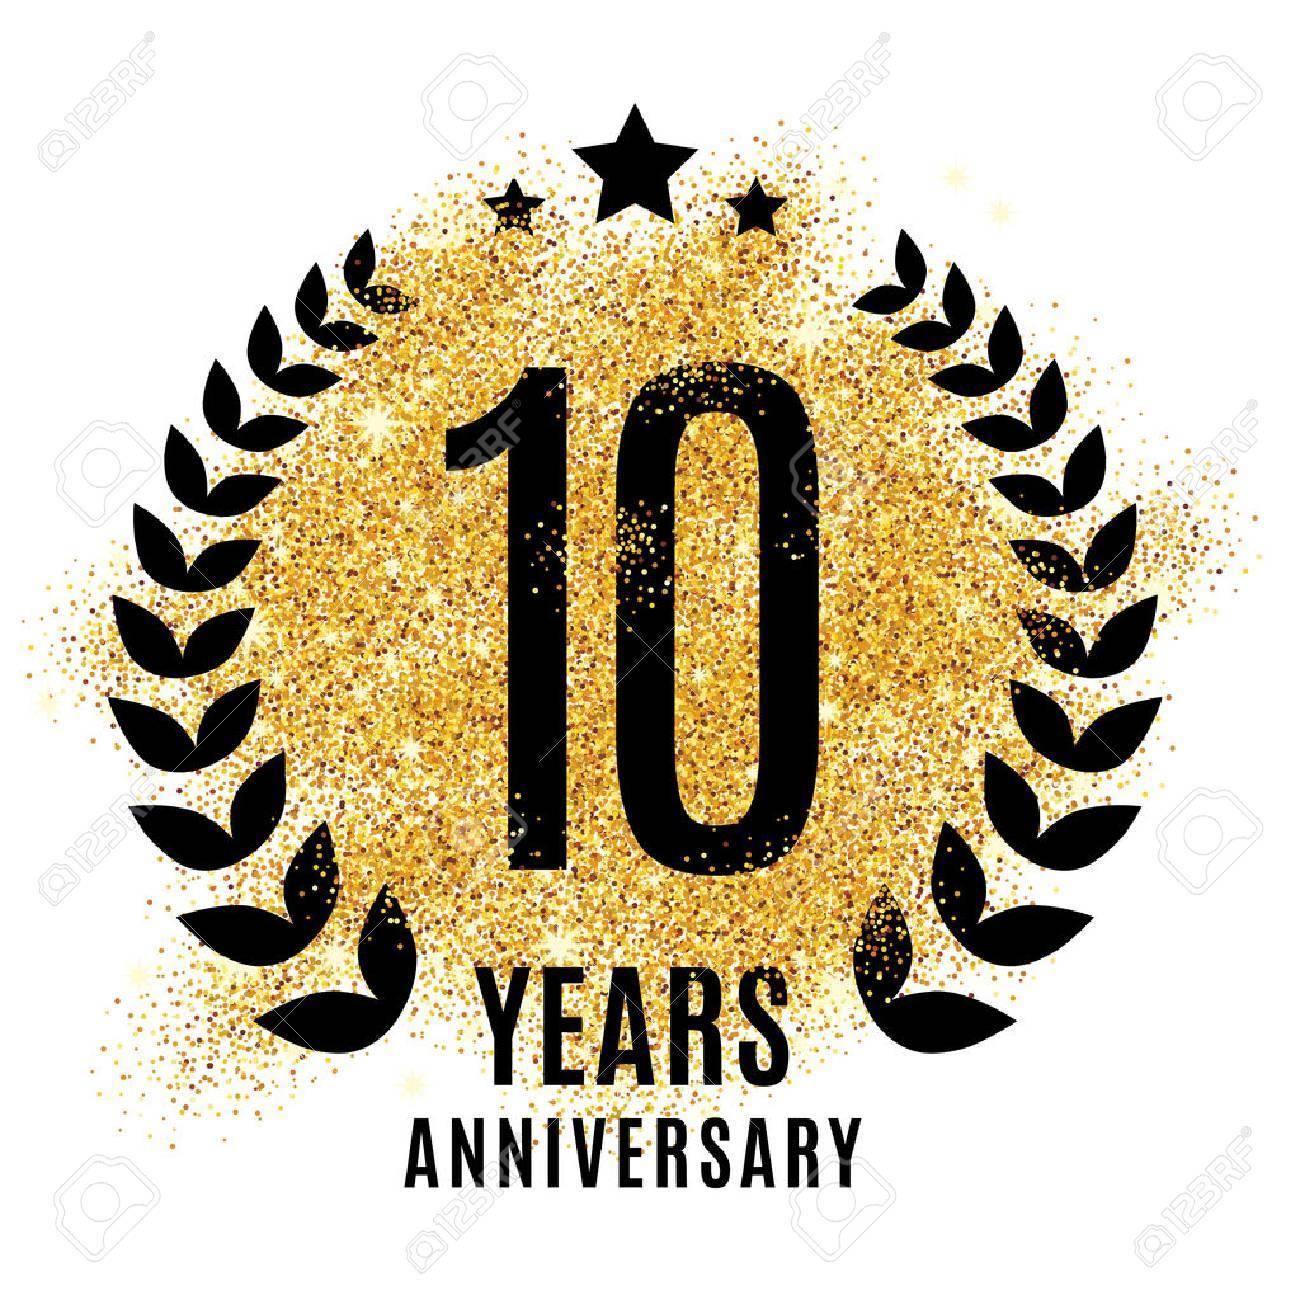 Ten years golden anniversary sign - 61584445